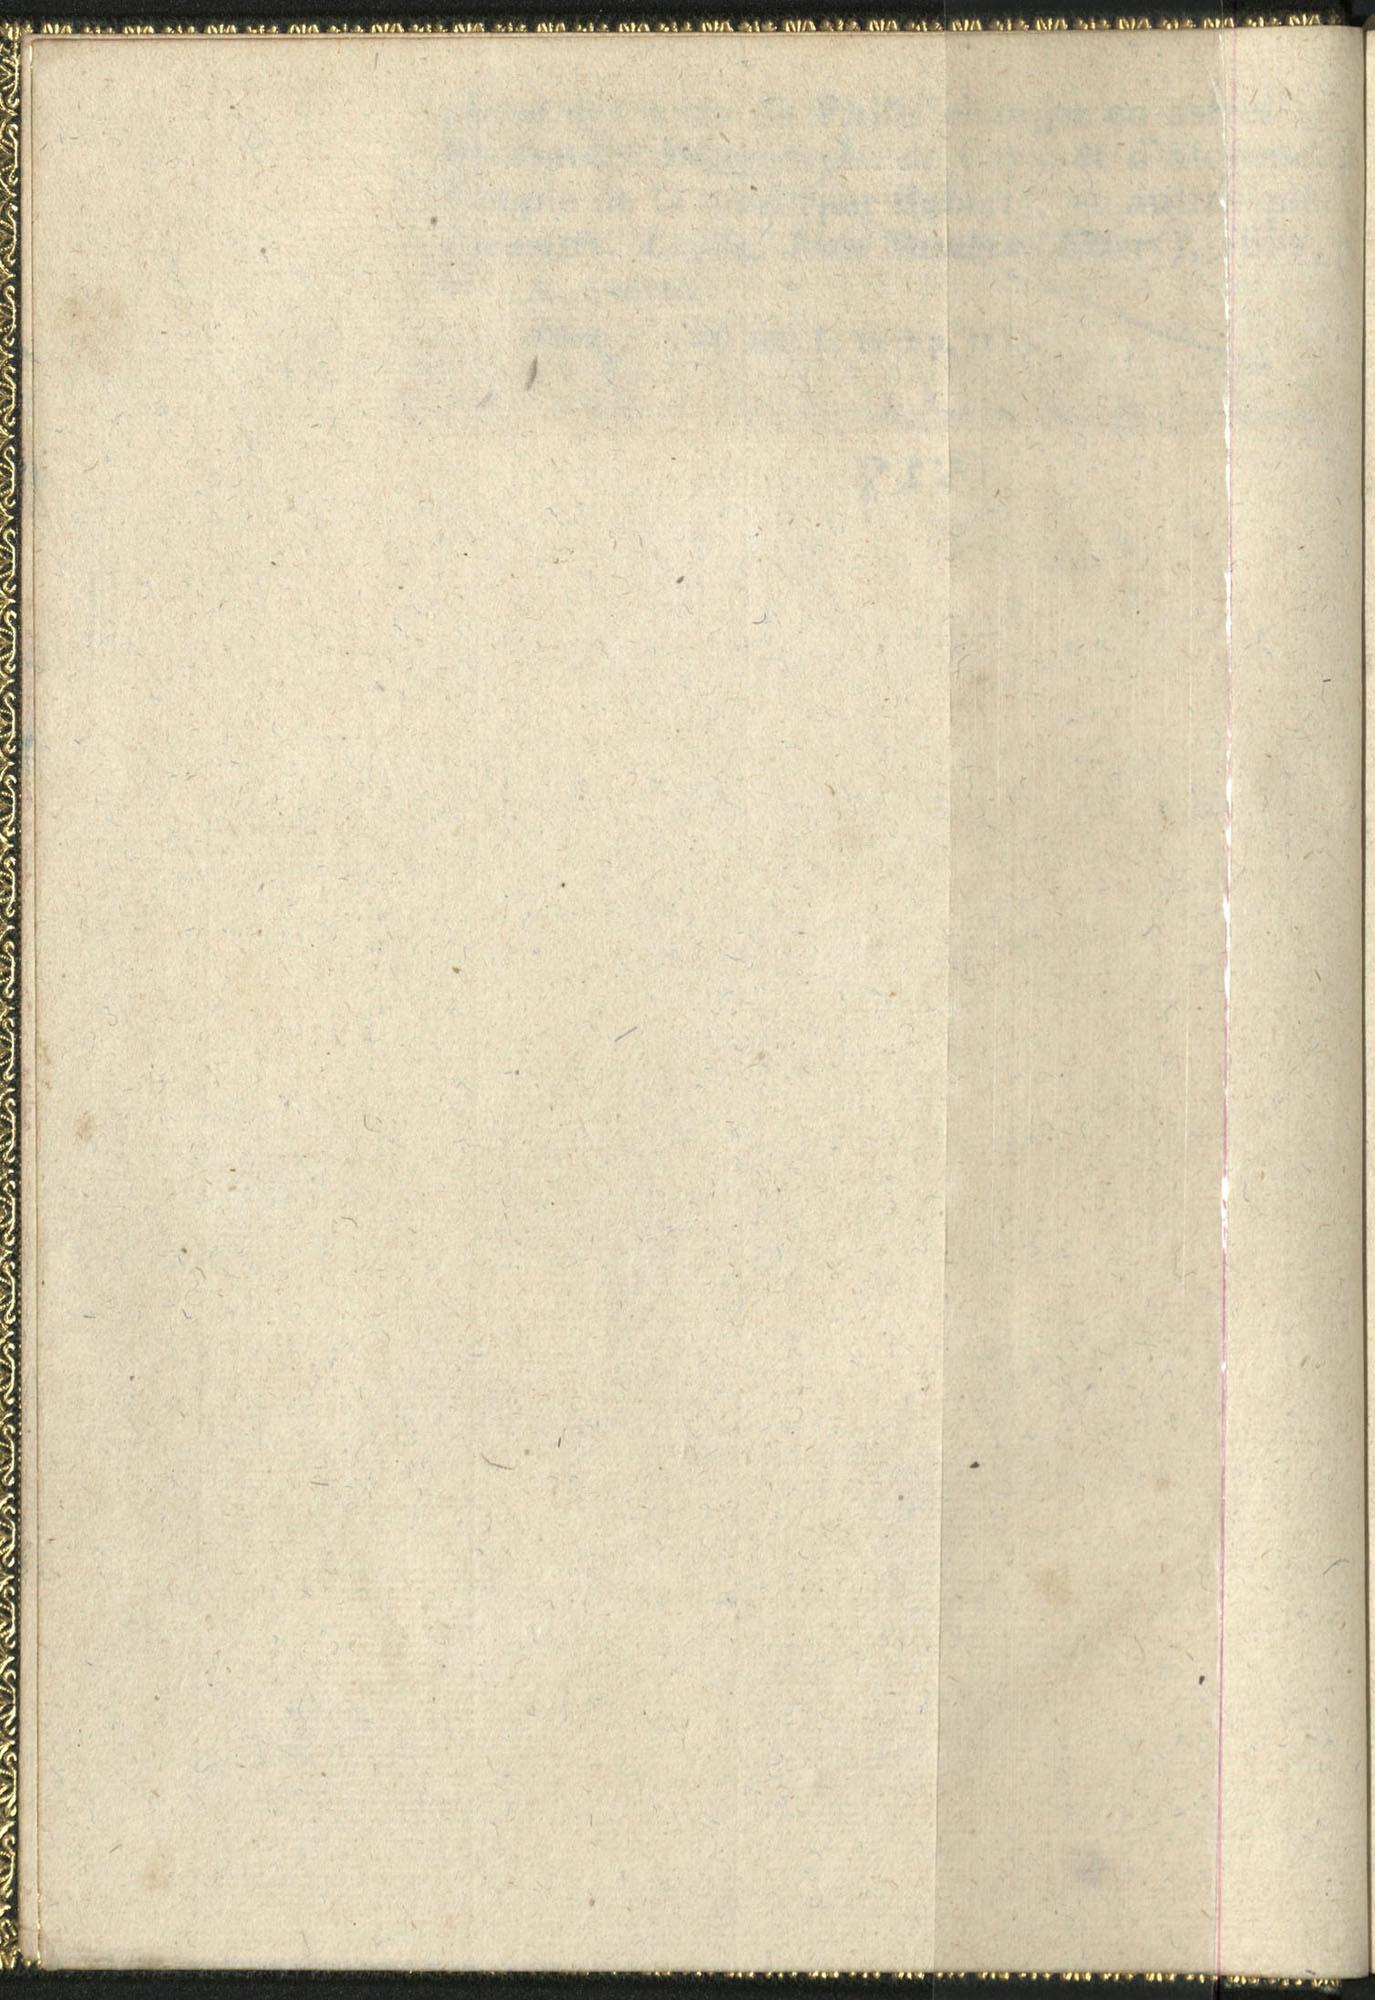 Romant de la Rose, Blank Page, 1